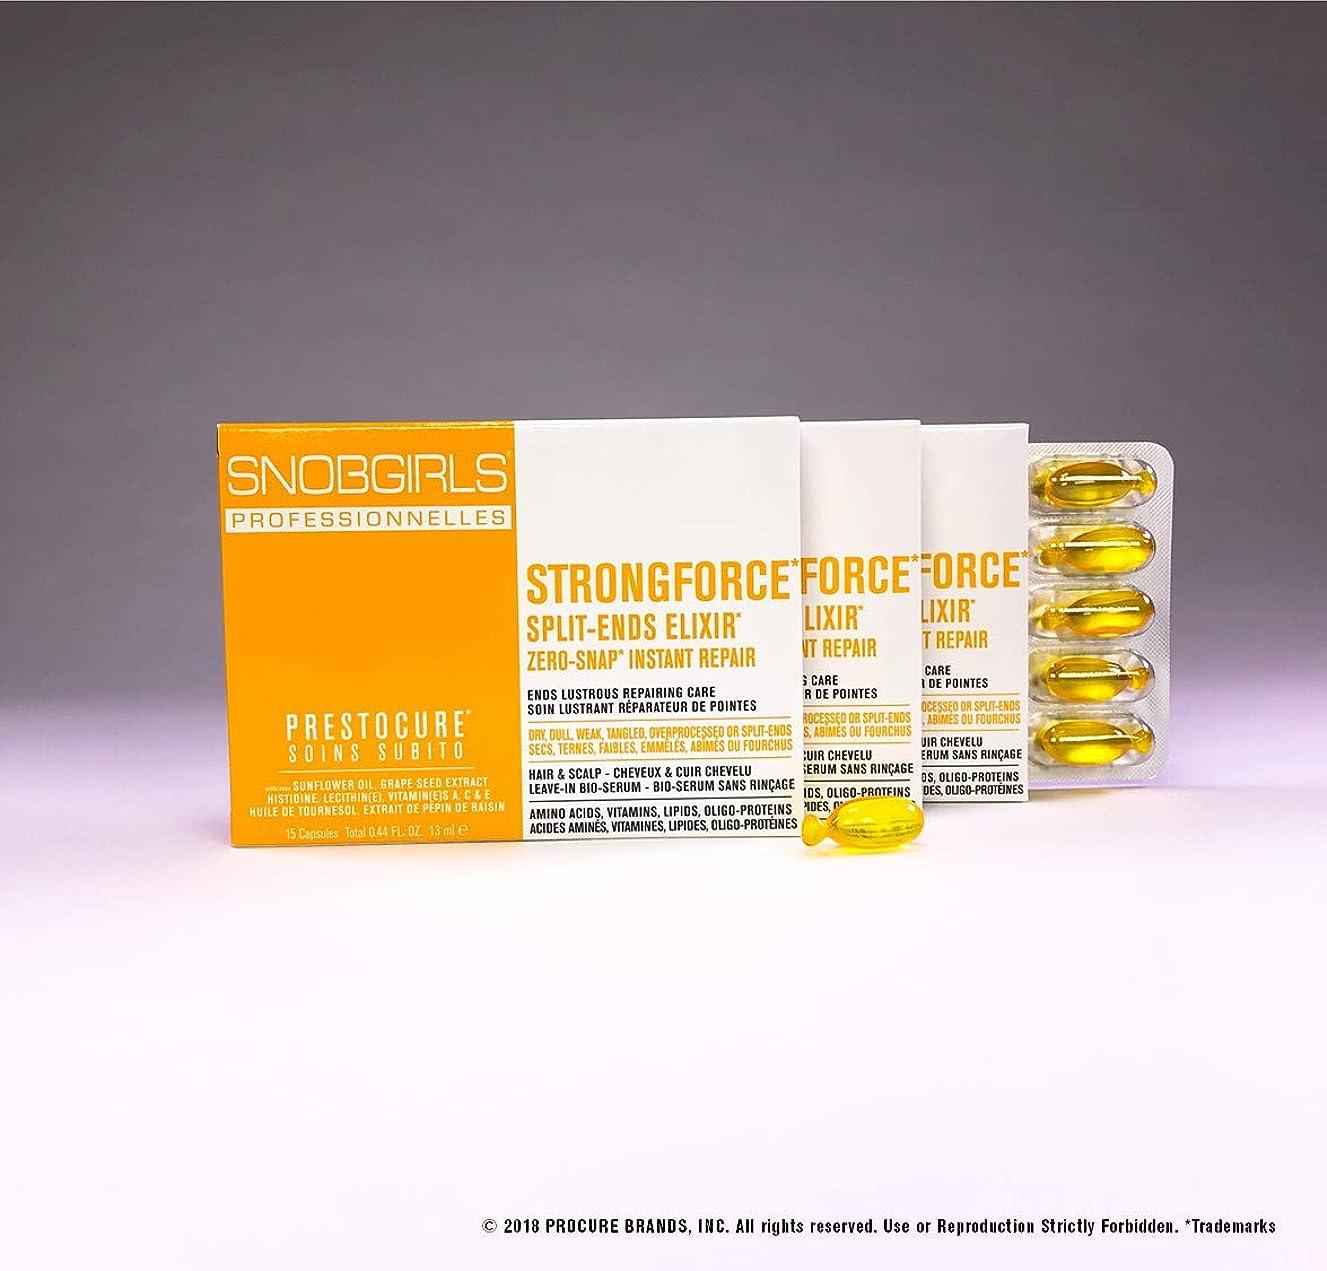 所有権荒れ地クリークSNOBGIRLS STRONGFORCE TWIST-OFF HAIR CAPSULES - 3×15個のパックのパック(合計45個のパック)